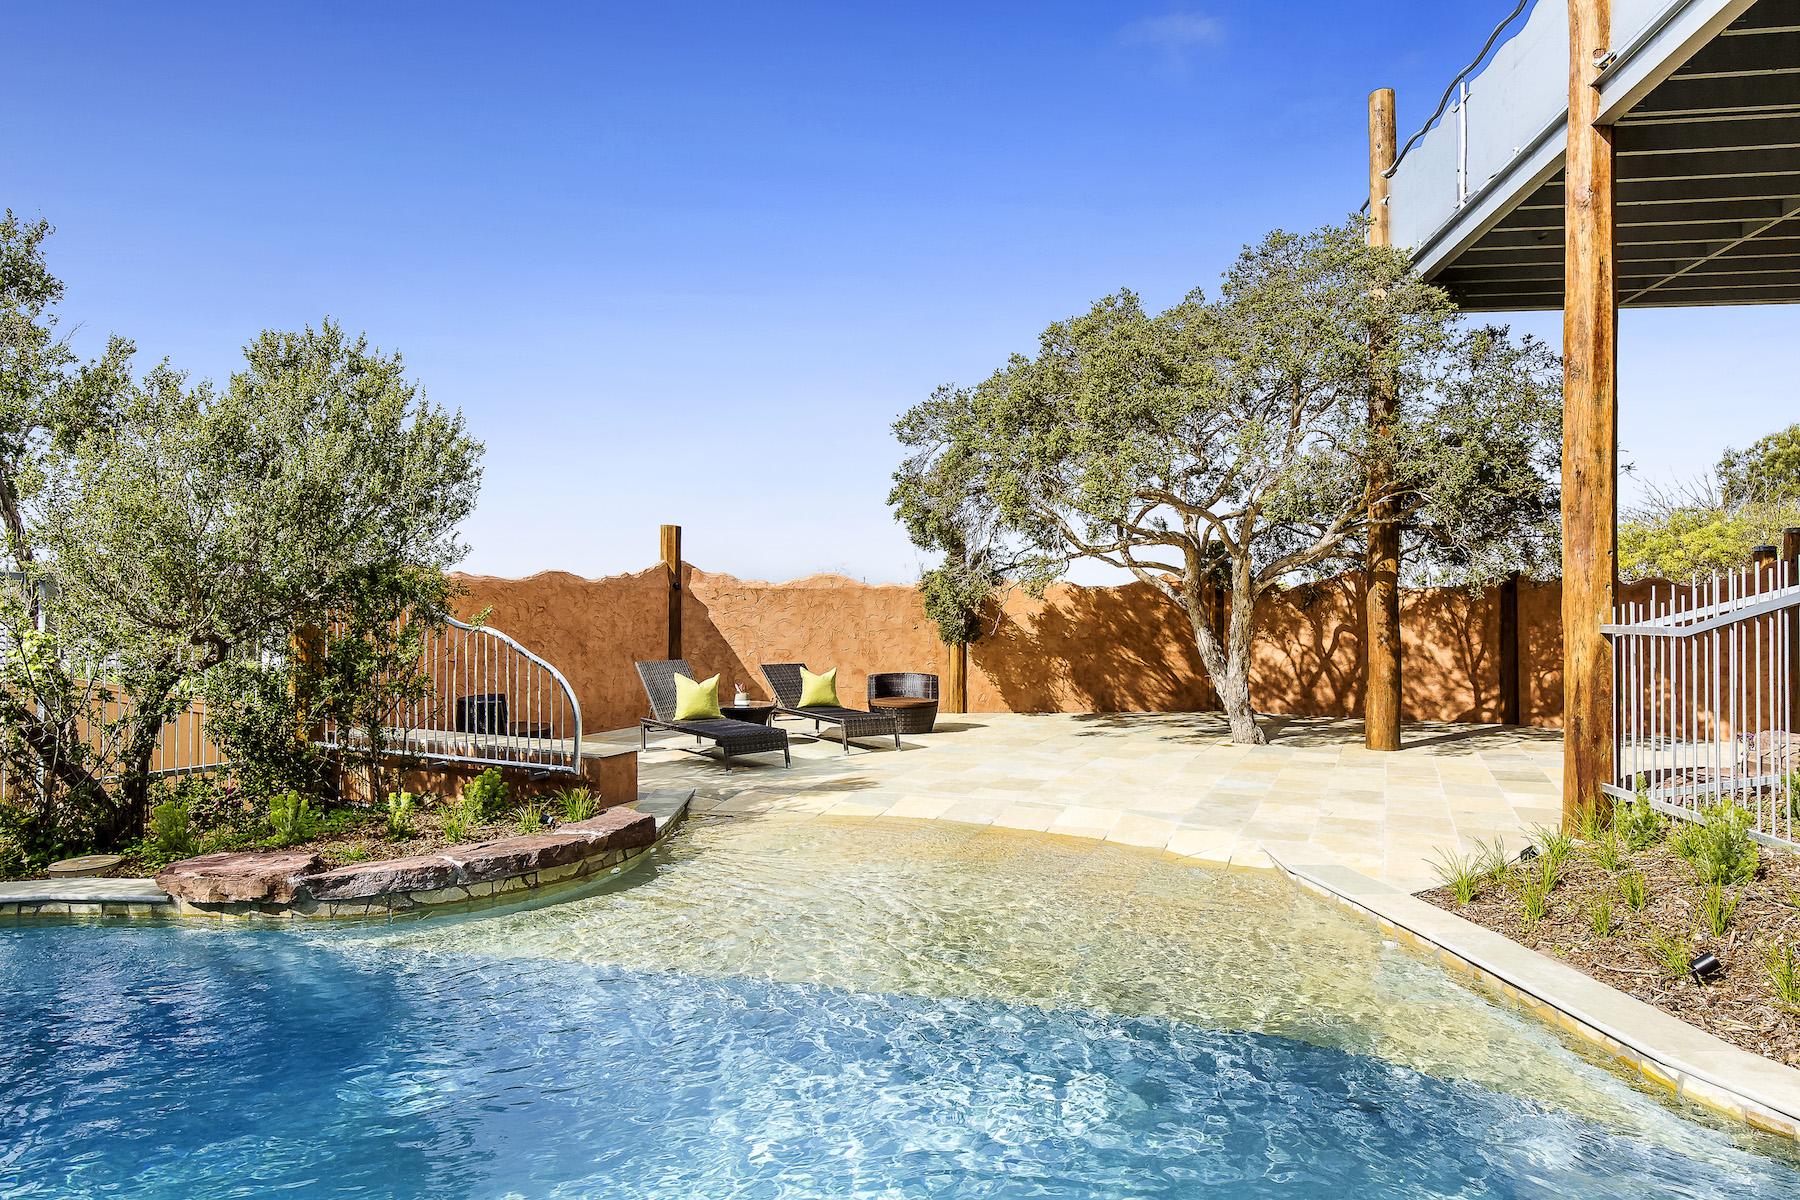 独户住宅 为 销售 在 3 Park Road, Sorrento 墨尔本, 维多利亚, 3943 澳大利亚